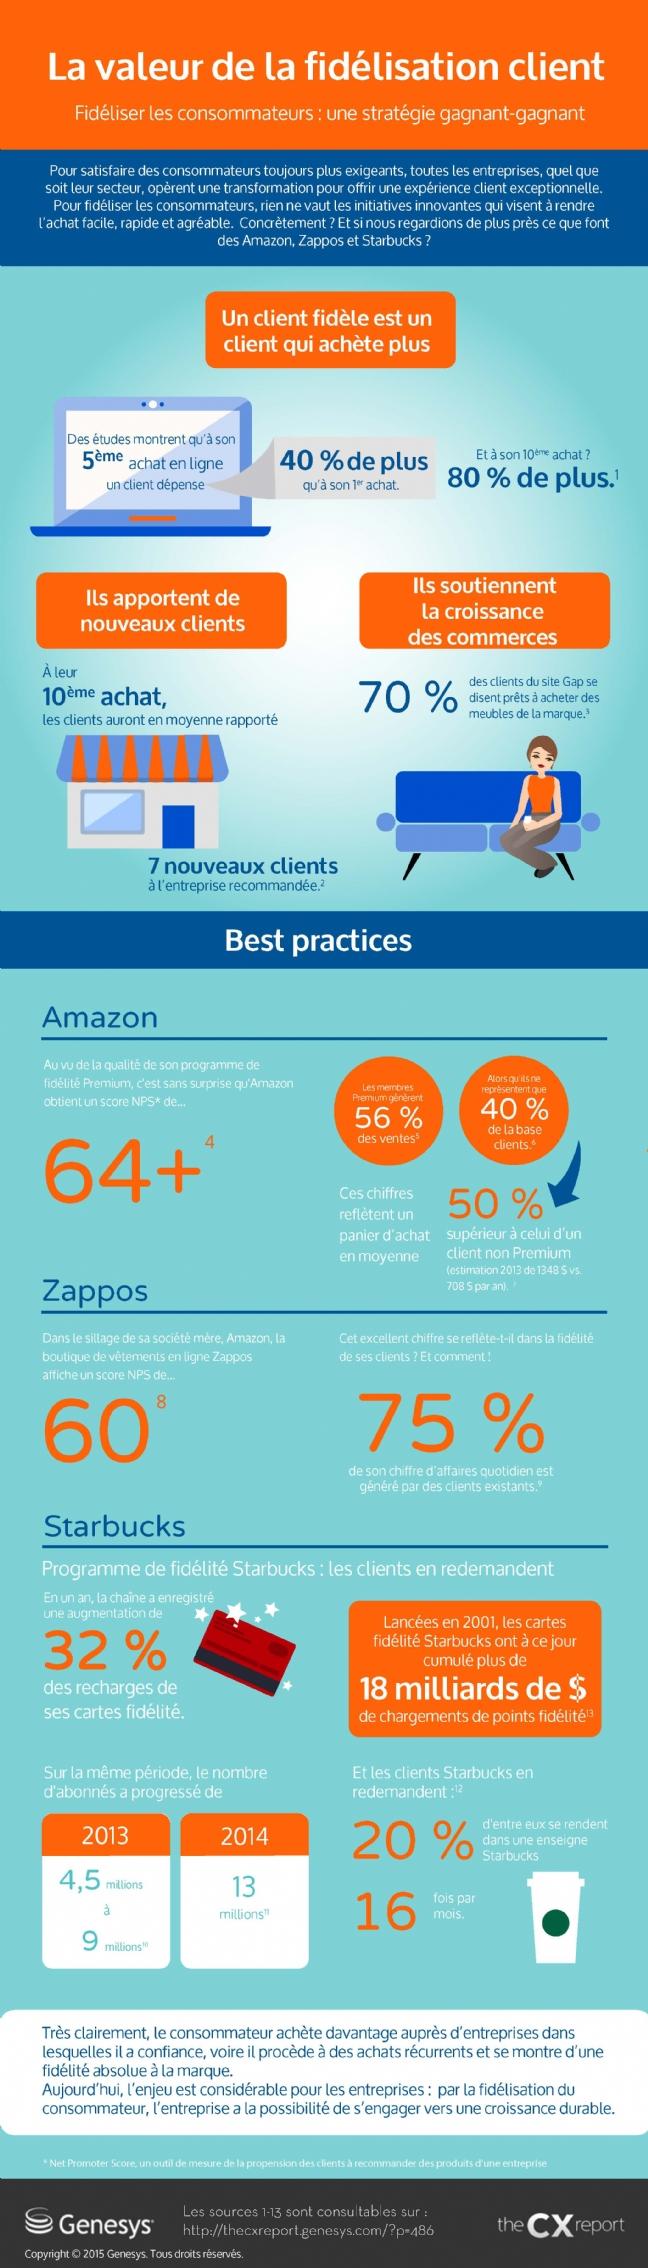 les effets de l'engagement client